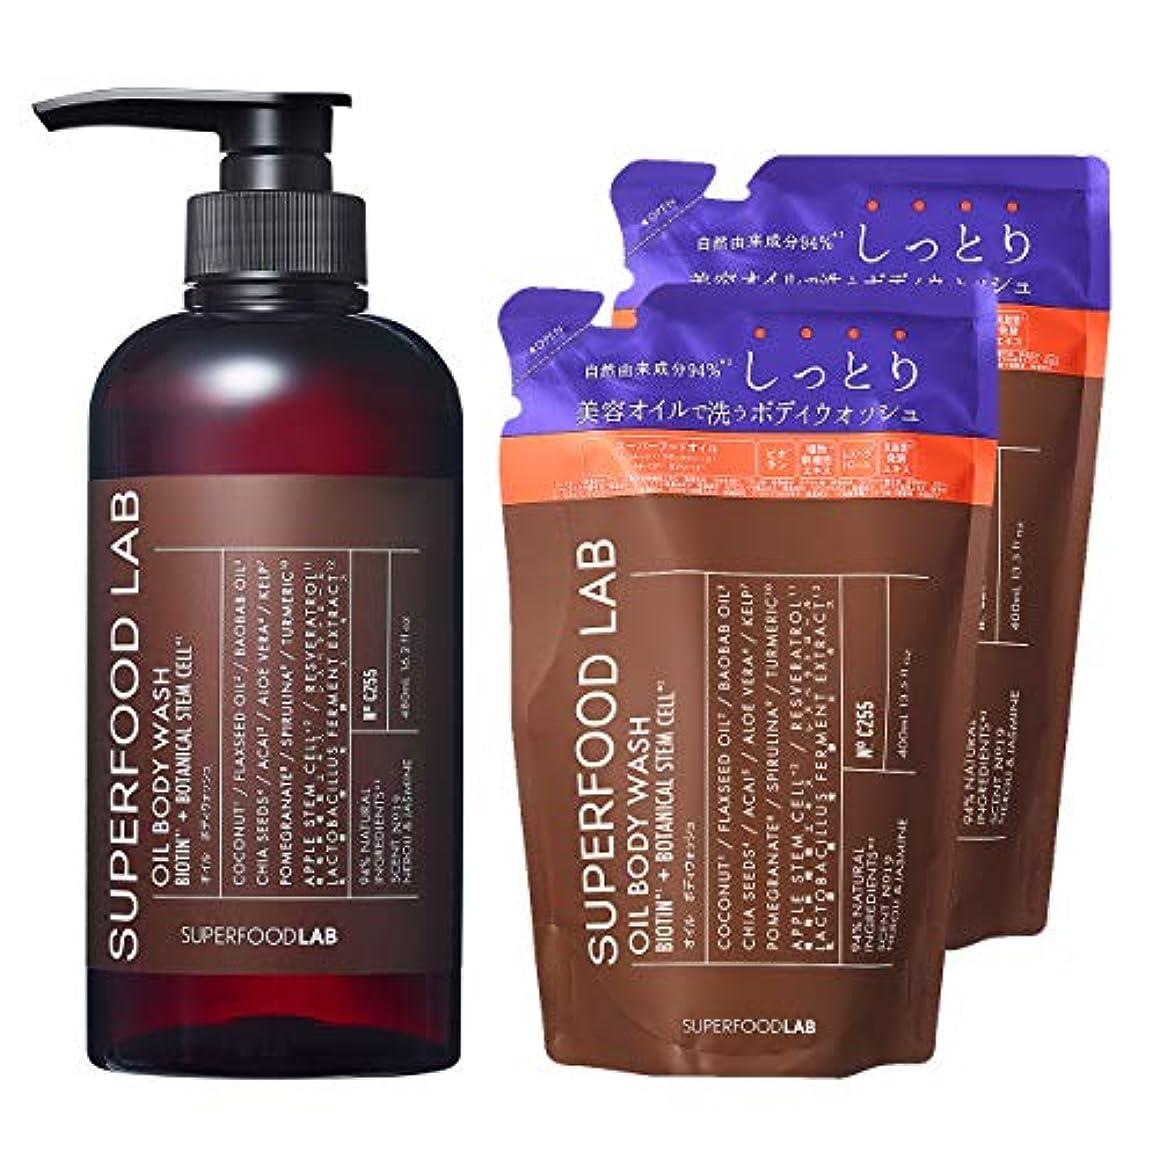 思いつく分頼むSFL(スーパーフードラボ) 美容オイルで洗う【しっとり】ビオチン+オイル ボディウォッシュ 本体+リフィル2個セット